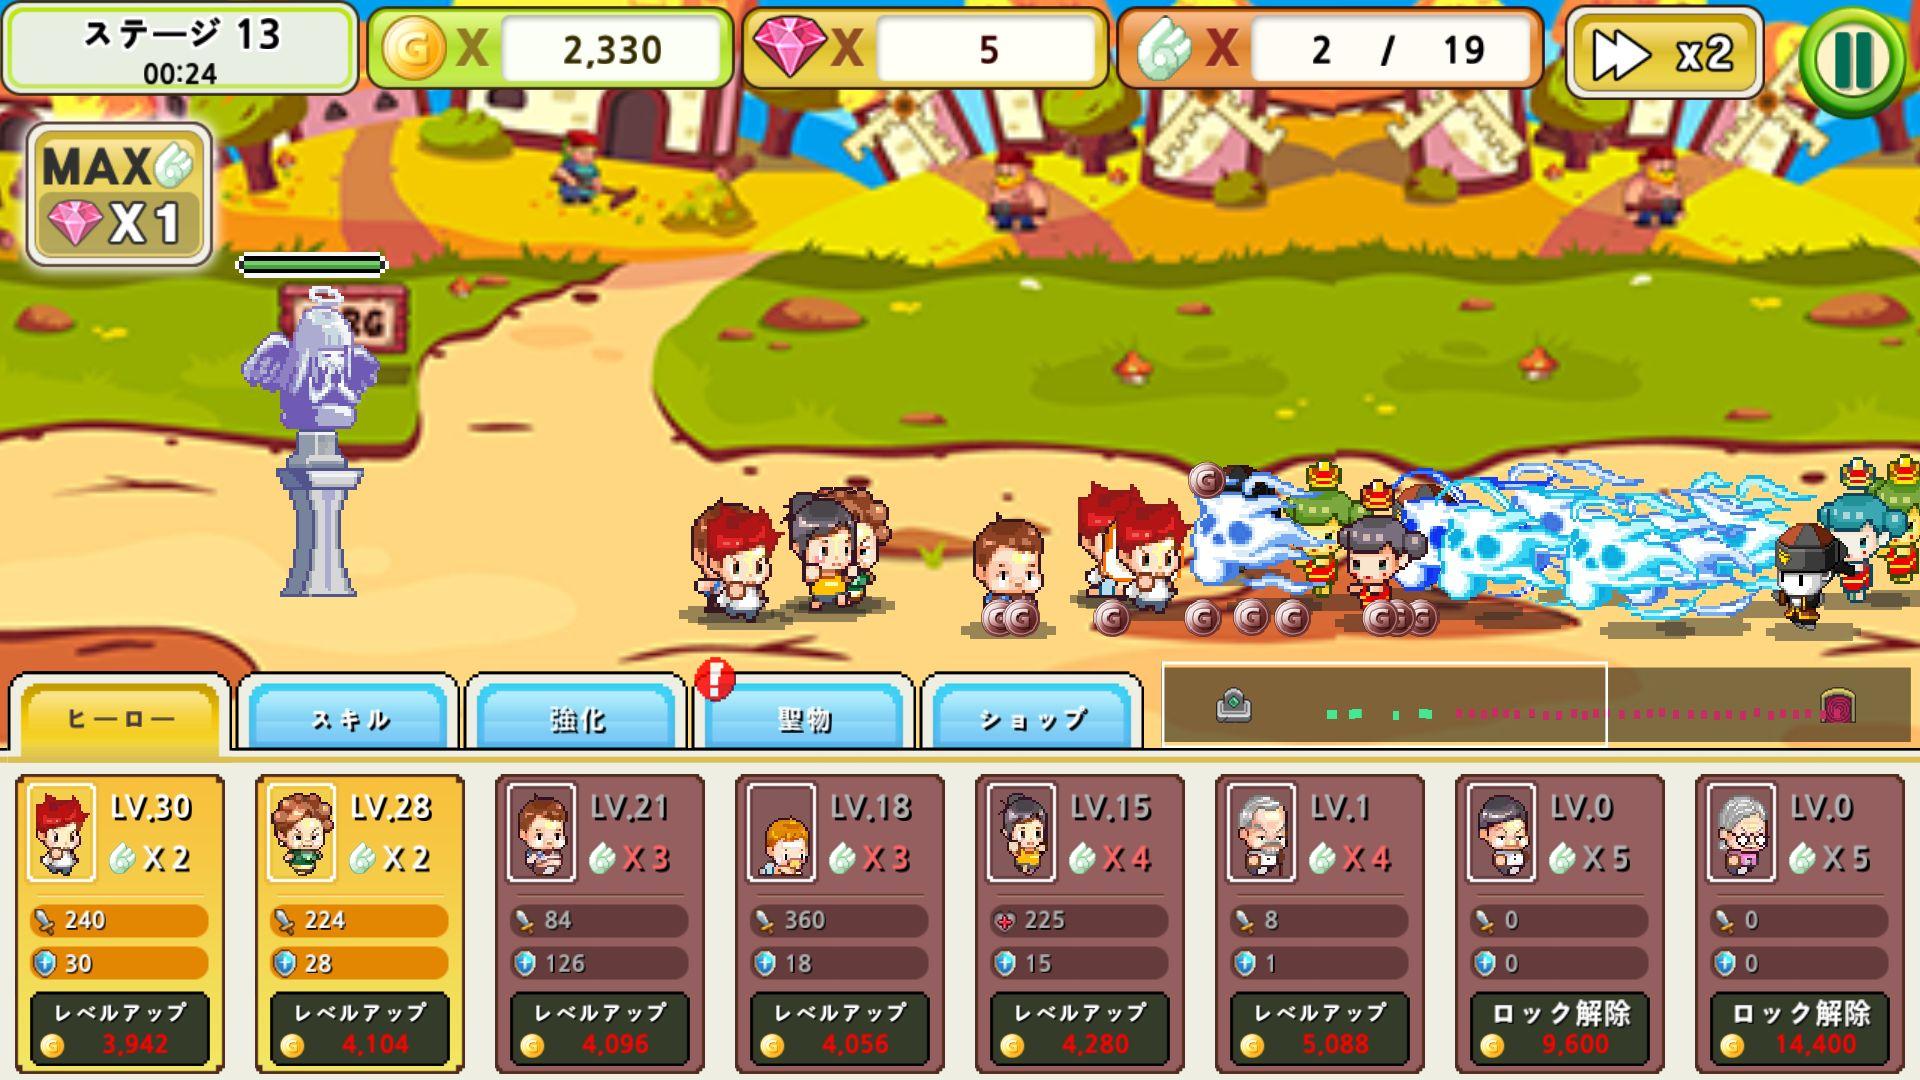 ドットファミリ RPG androidアプリスクリーンショット2